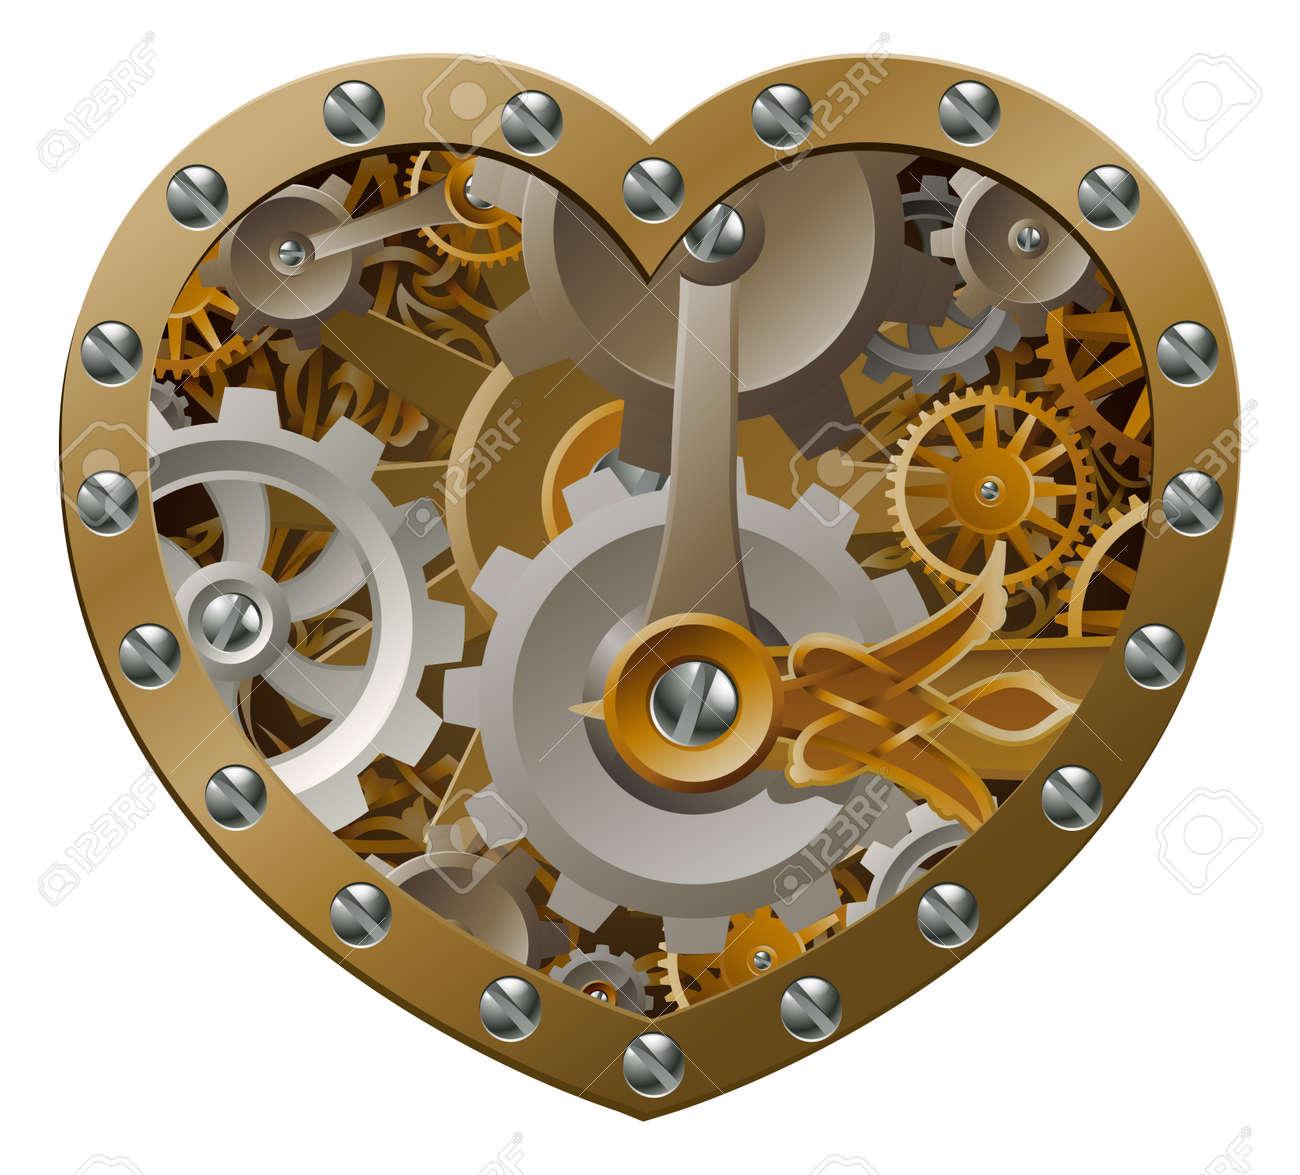 Con Concepto Reloj Hecha Engranajes De Corazón Forma Y Steampunk 6gbyf7